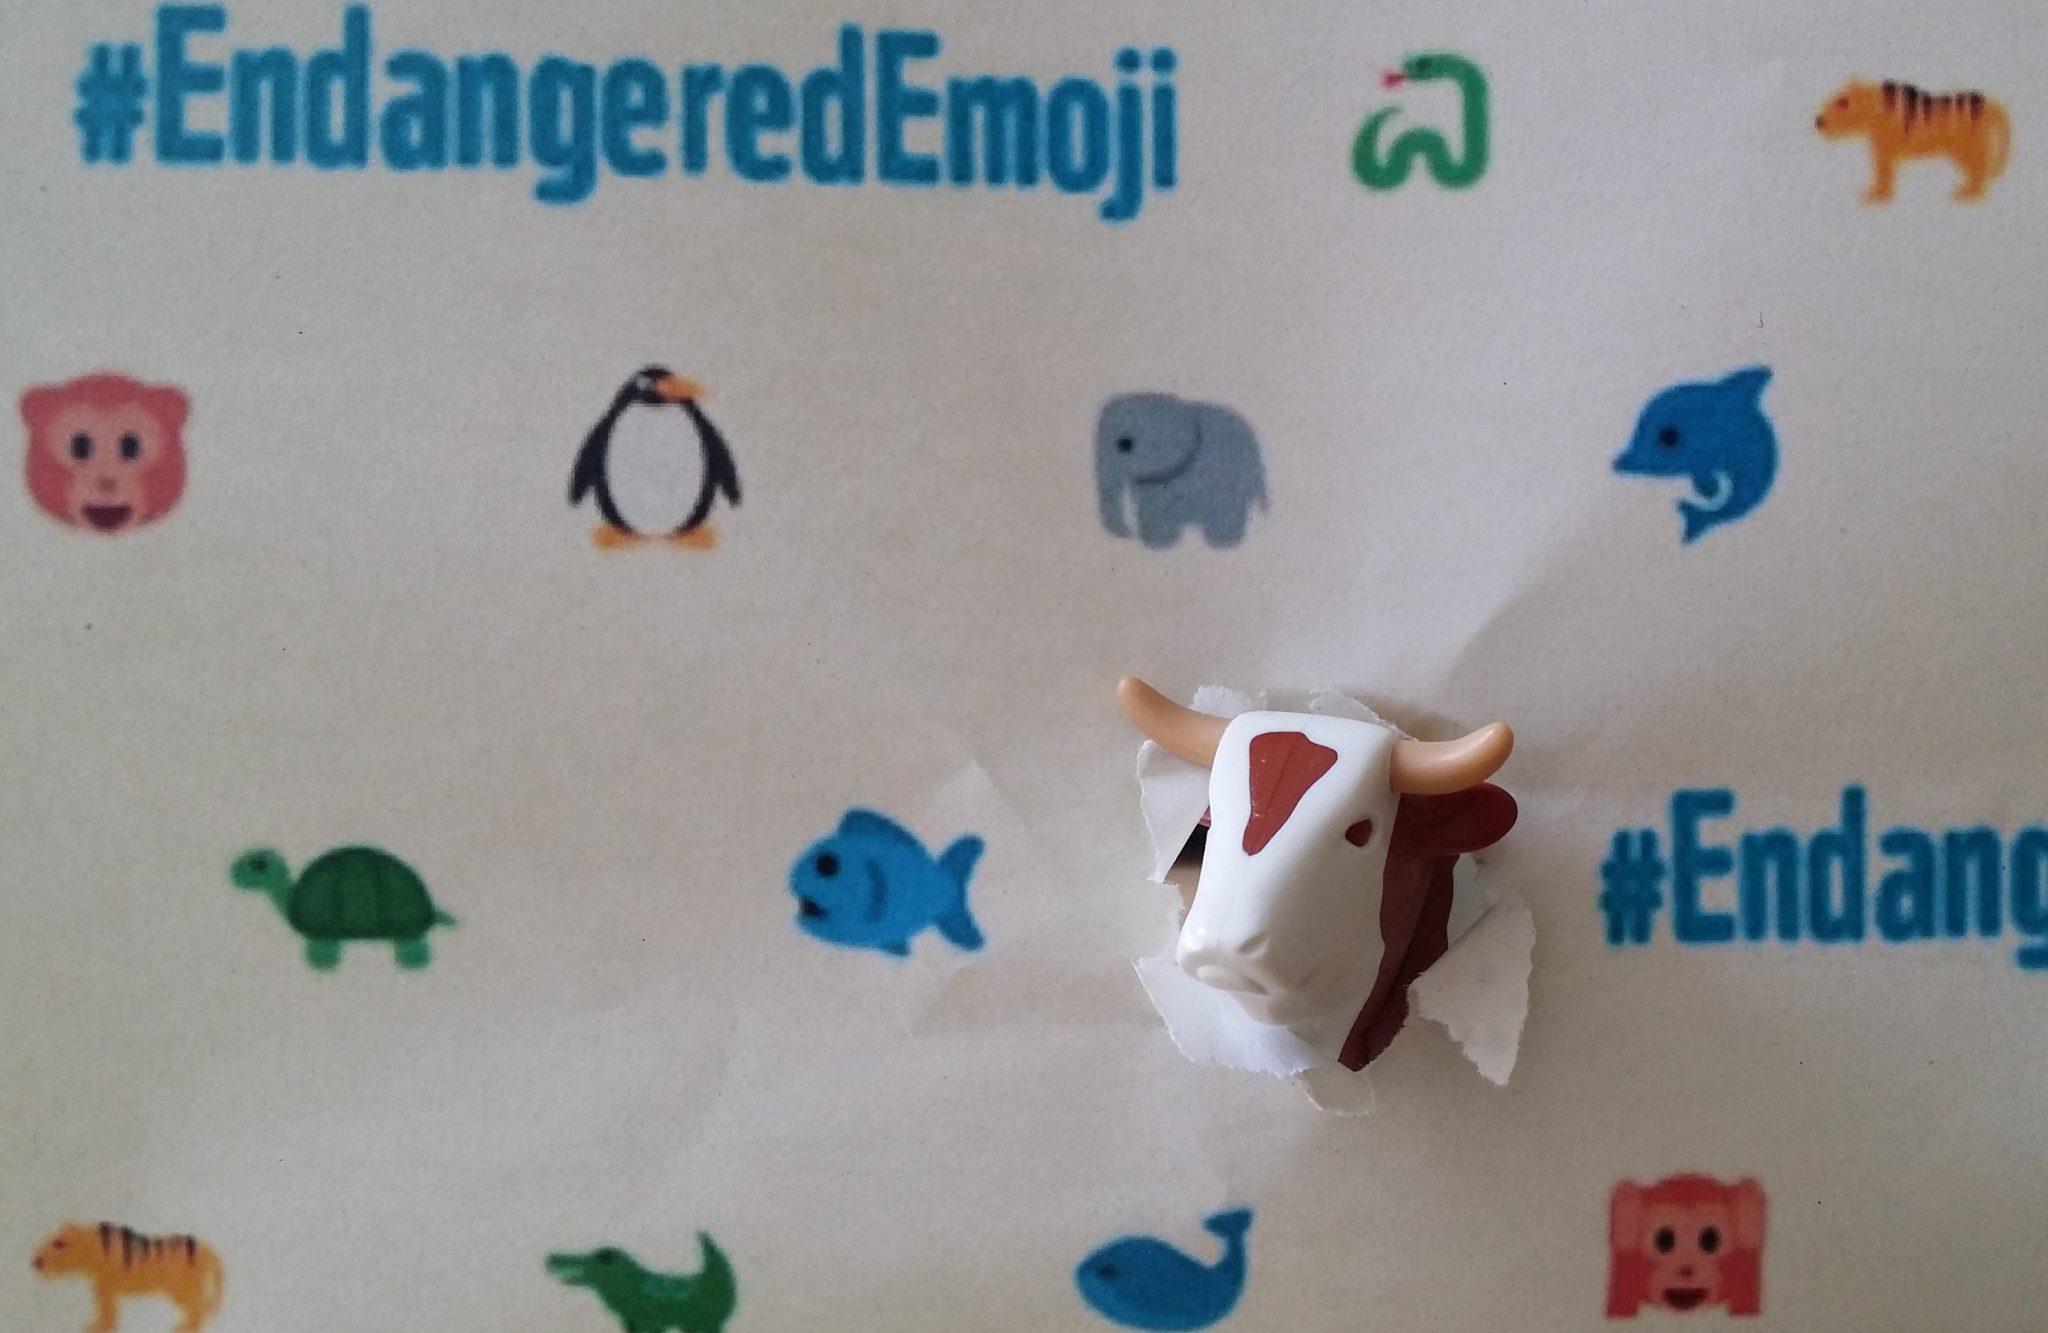 Die Presseschau nach dem Vatertag mit GNTM-Abbruch, Küchengesprächen zum Fleisch und Ernährung, EU-Naturschutz in Gefahr - und gefährdeten Tieren als Emojis